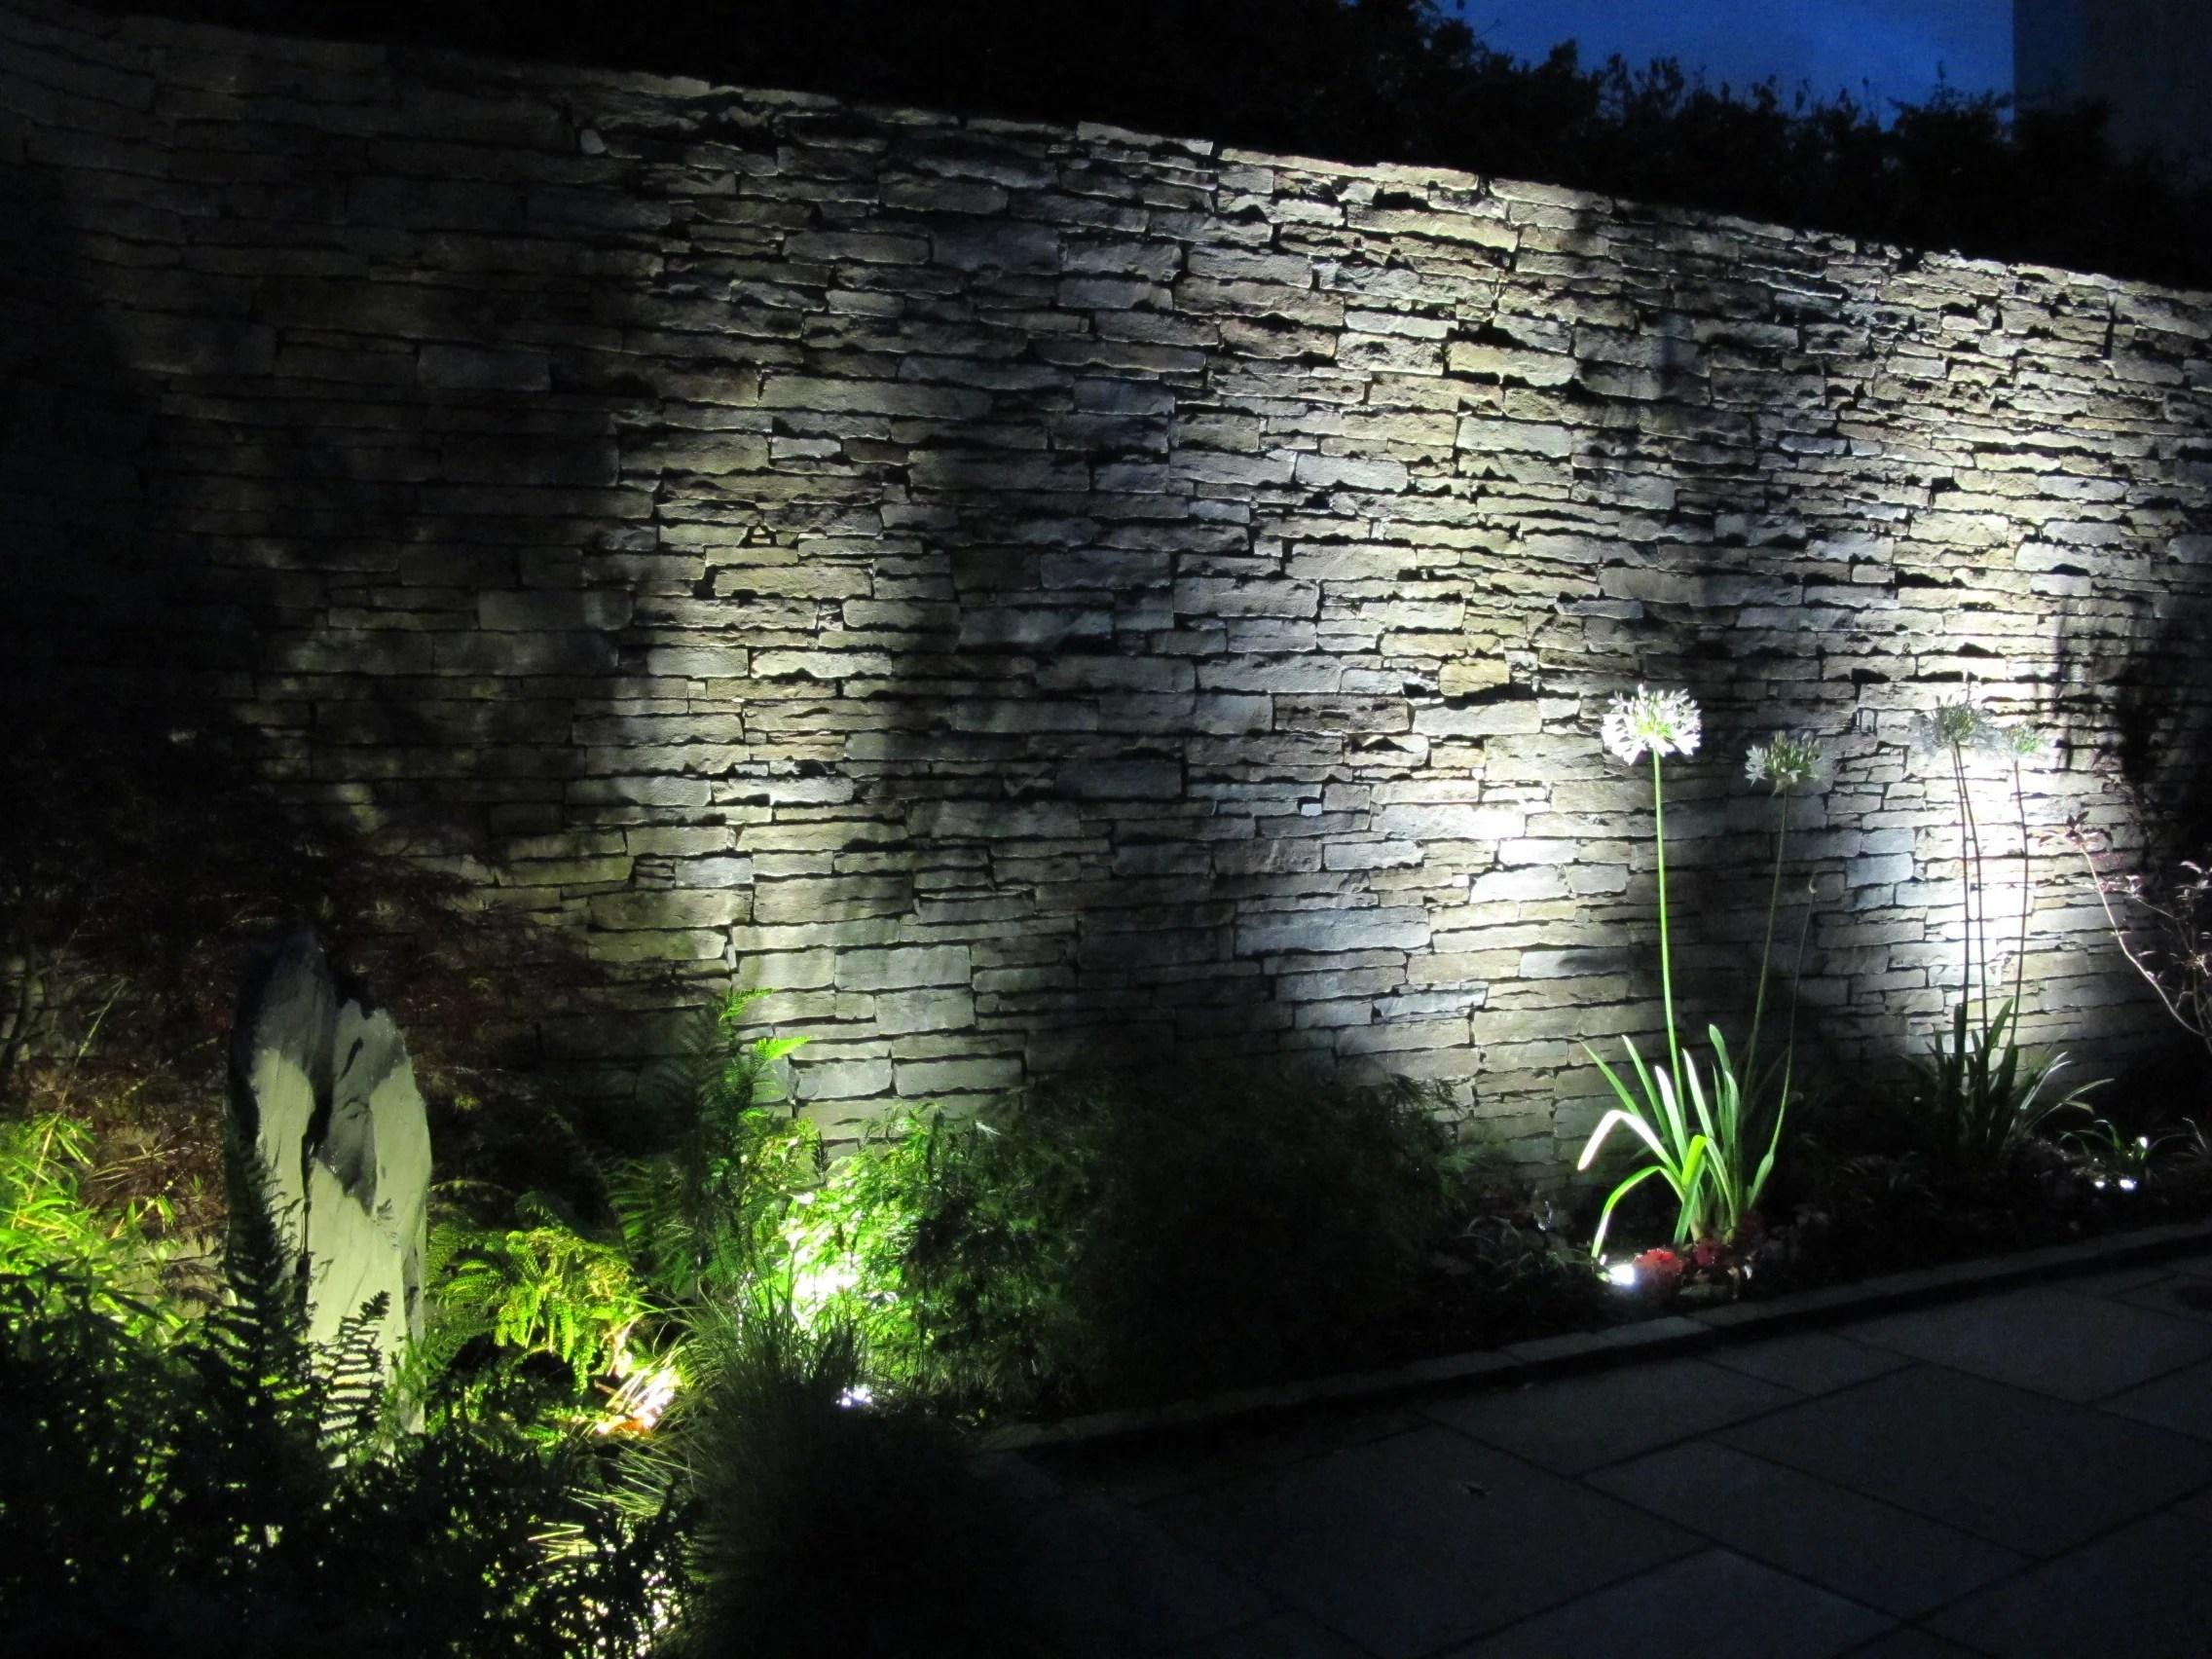 garden lighting a quick guide [ 2272 x 1704 Pixel ]